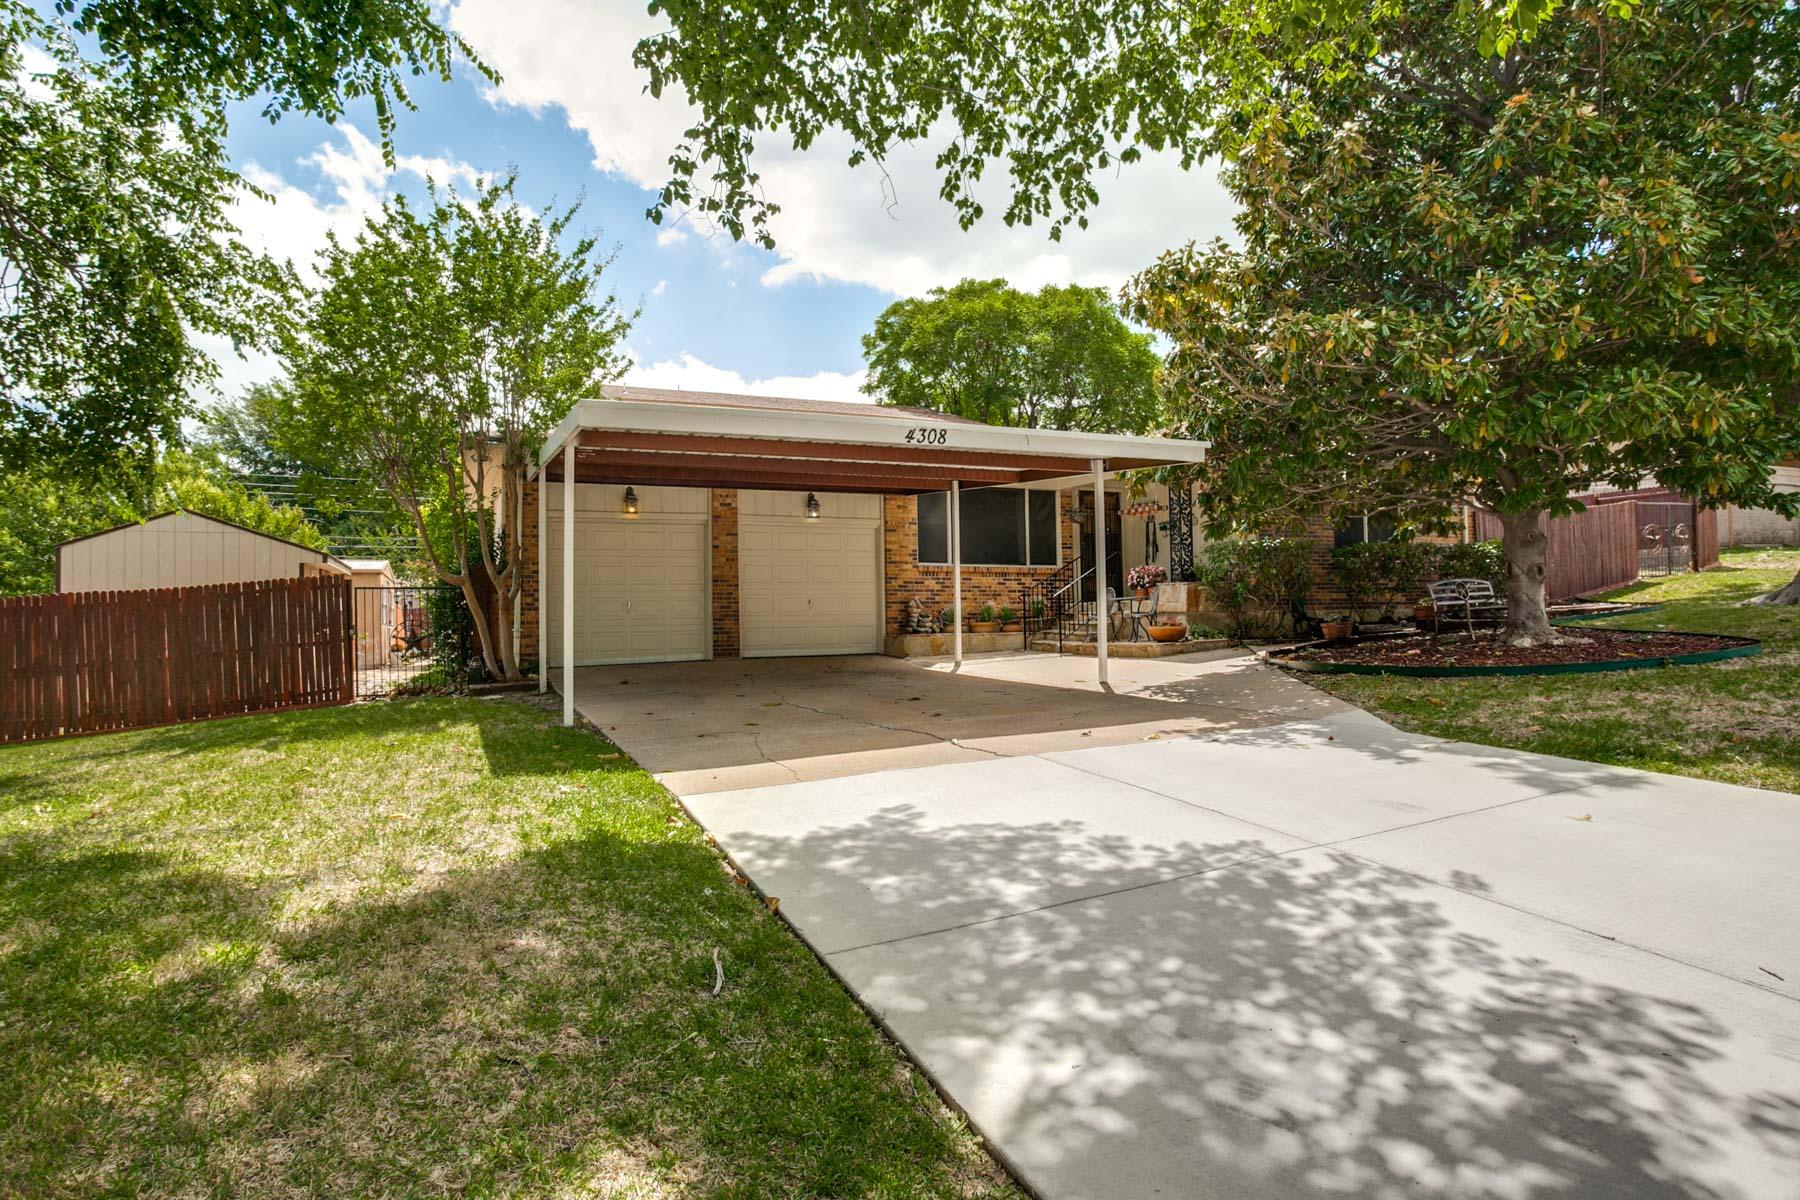 Casa Unifamiliar por un Venta en Highland Lake Famiily Home 4308 Highland Lake Dr Fort Worth, Texas, 76135 Estados Unidos